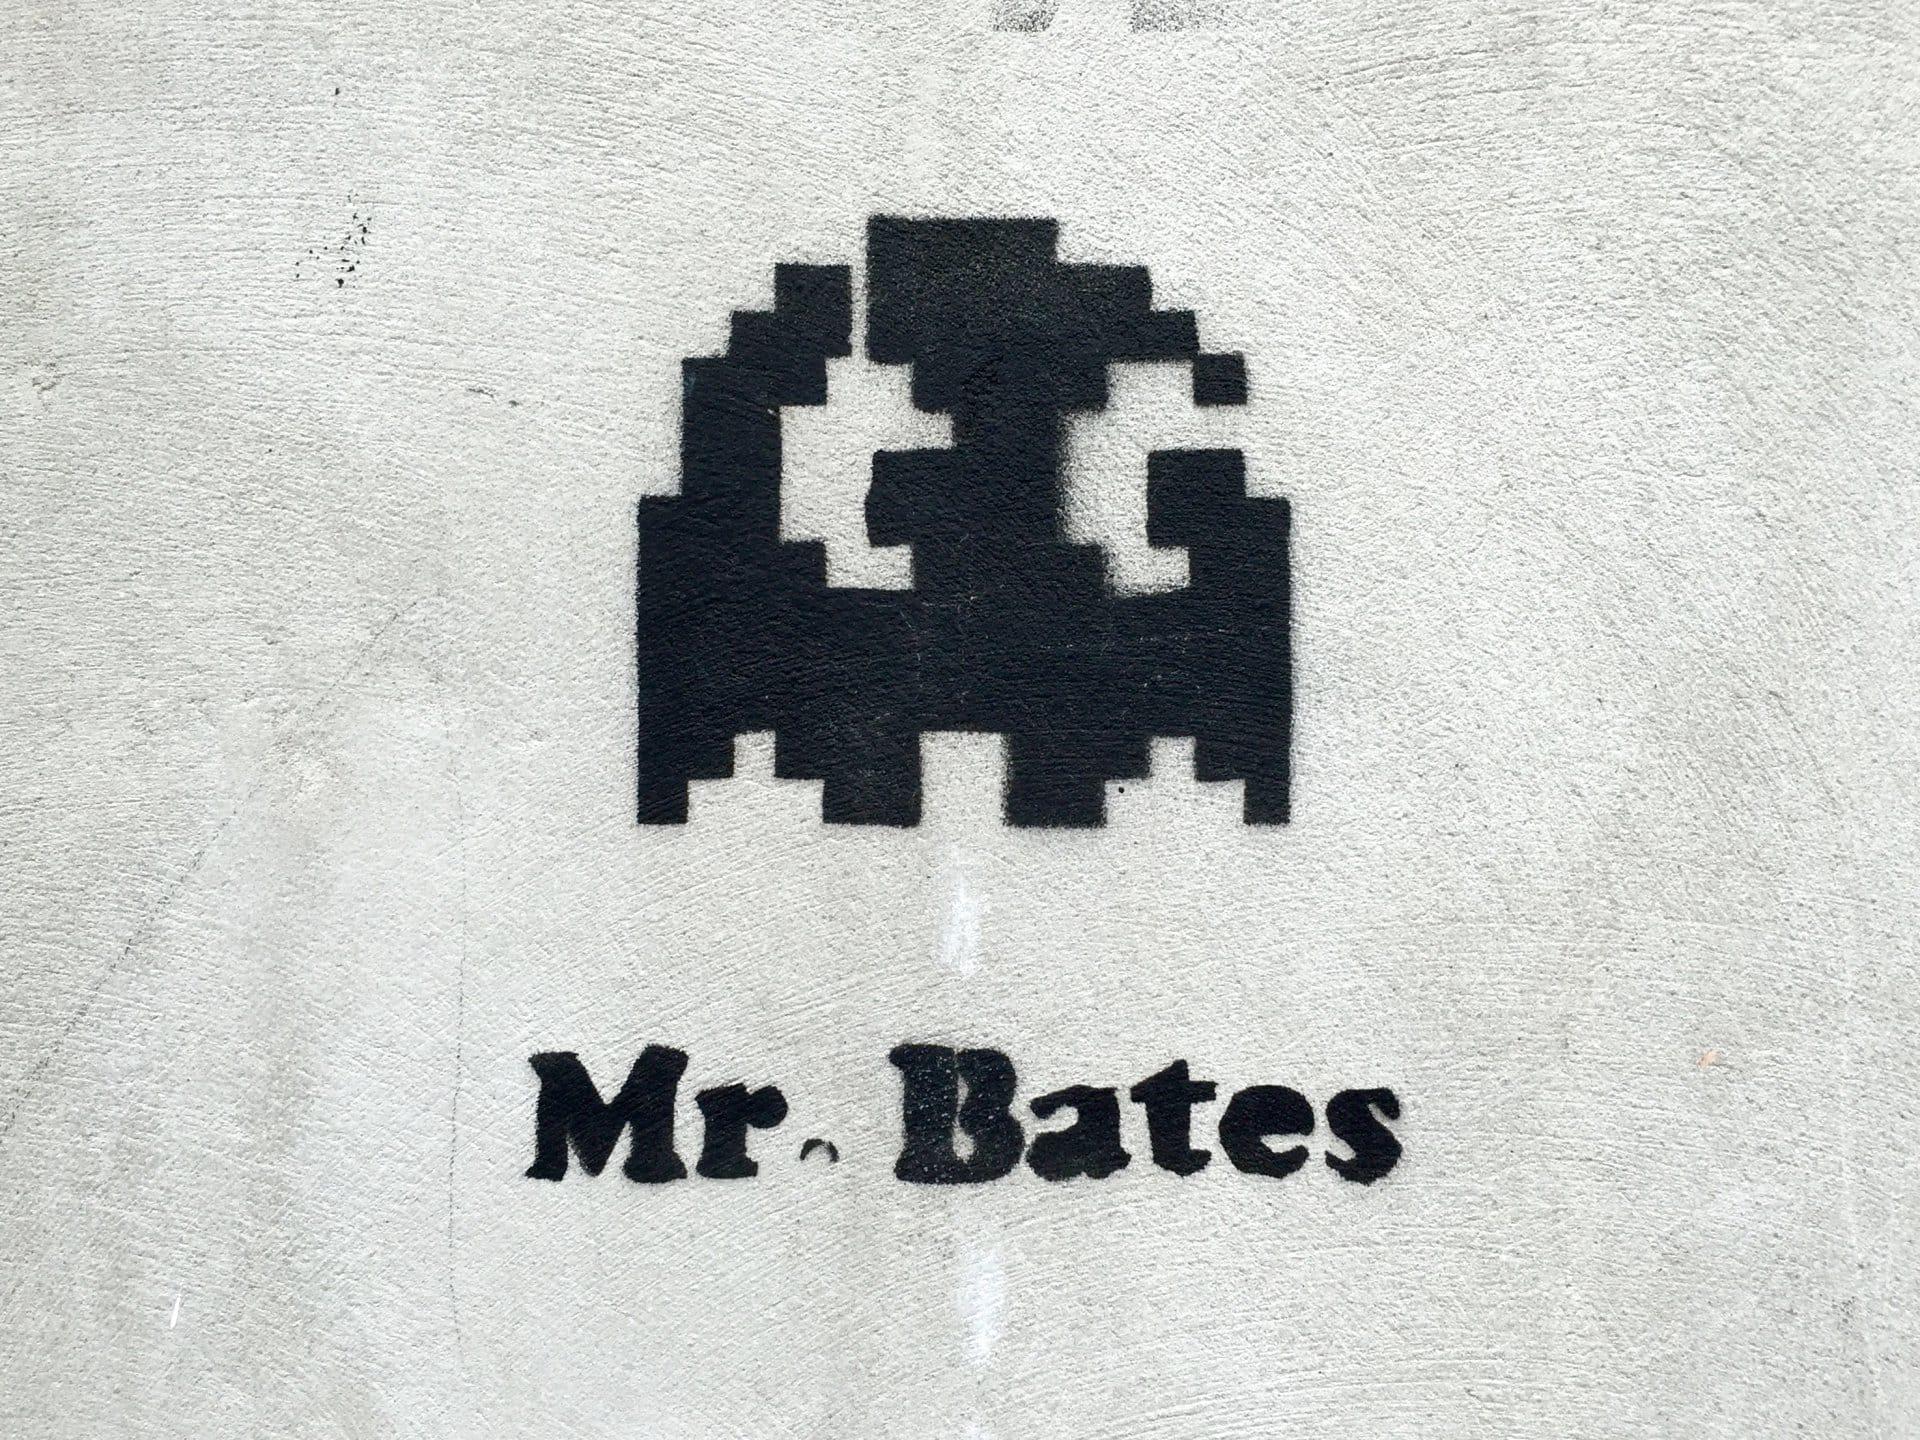 2015 08 18 mrbates-graffiti